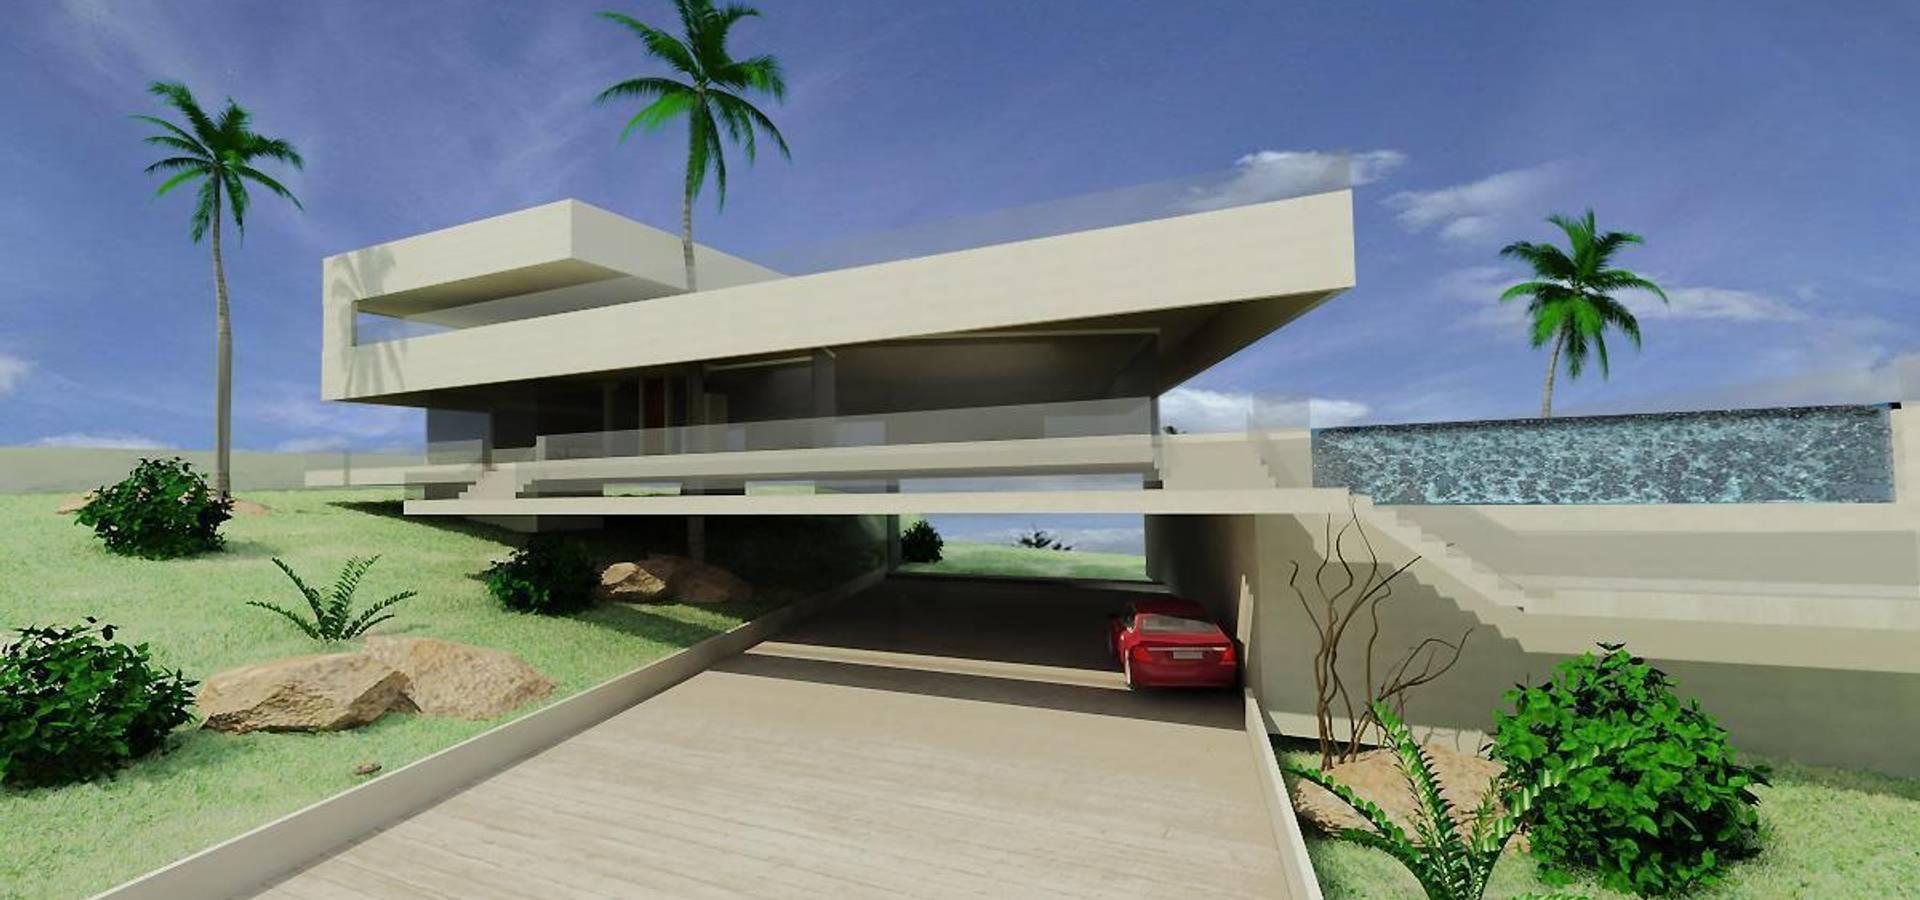 osvaldo talamonti estudio de arquitectura arquitectos